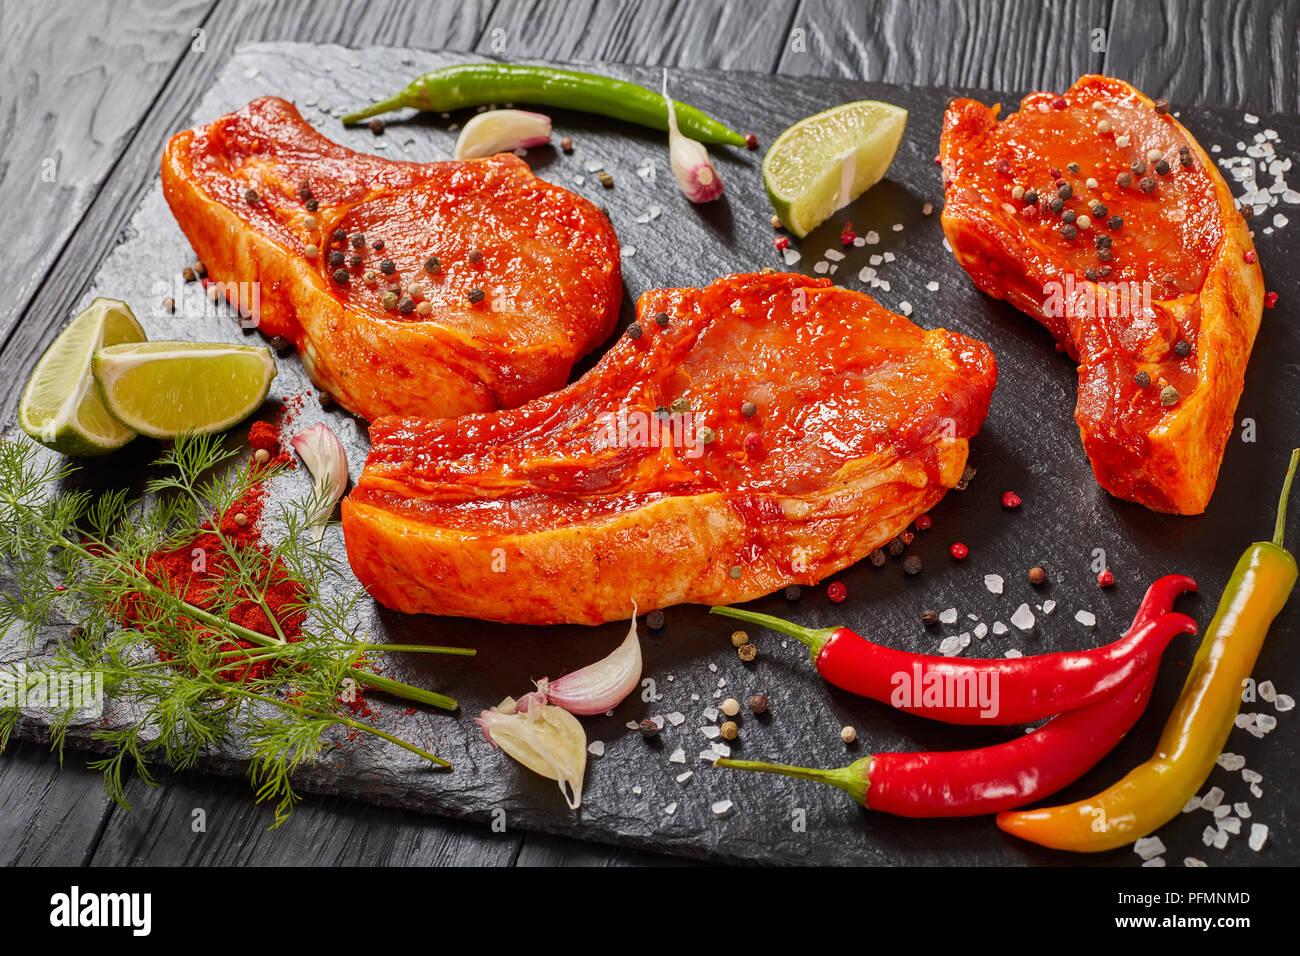 Côtelettes de porc crus prêts à cuire, mariné aux épices et sauce sriracha rouge sur noir ardoise plateau avec piment, sel, épices et des tranches de lime, vie Photo Stock